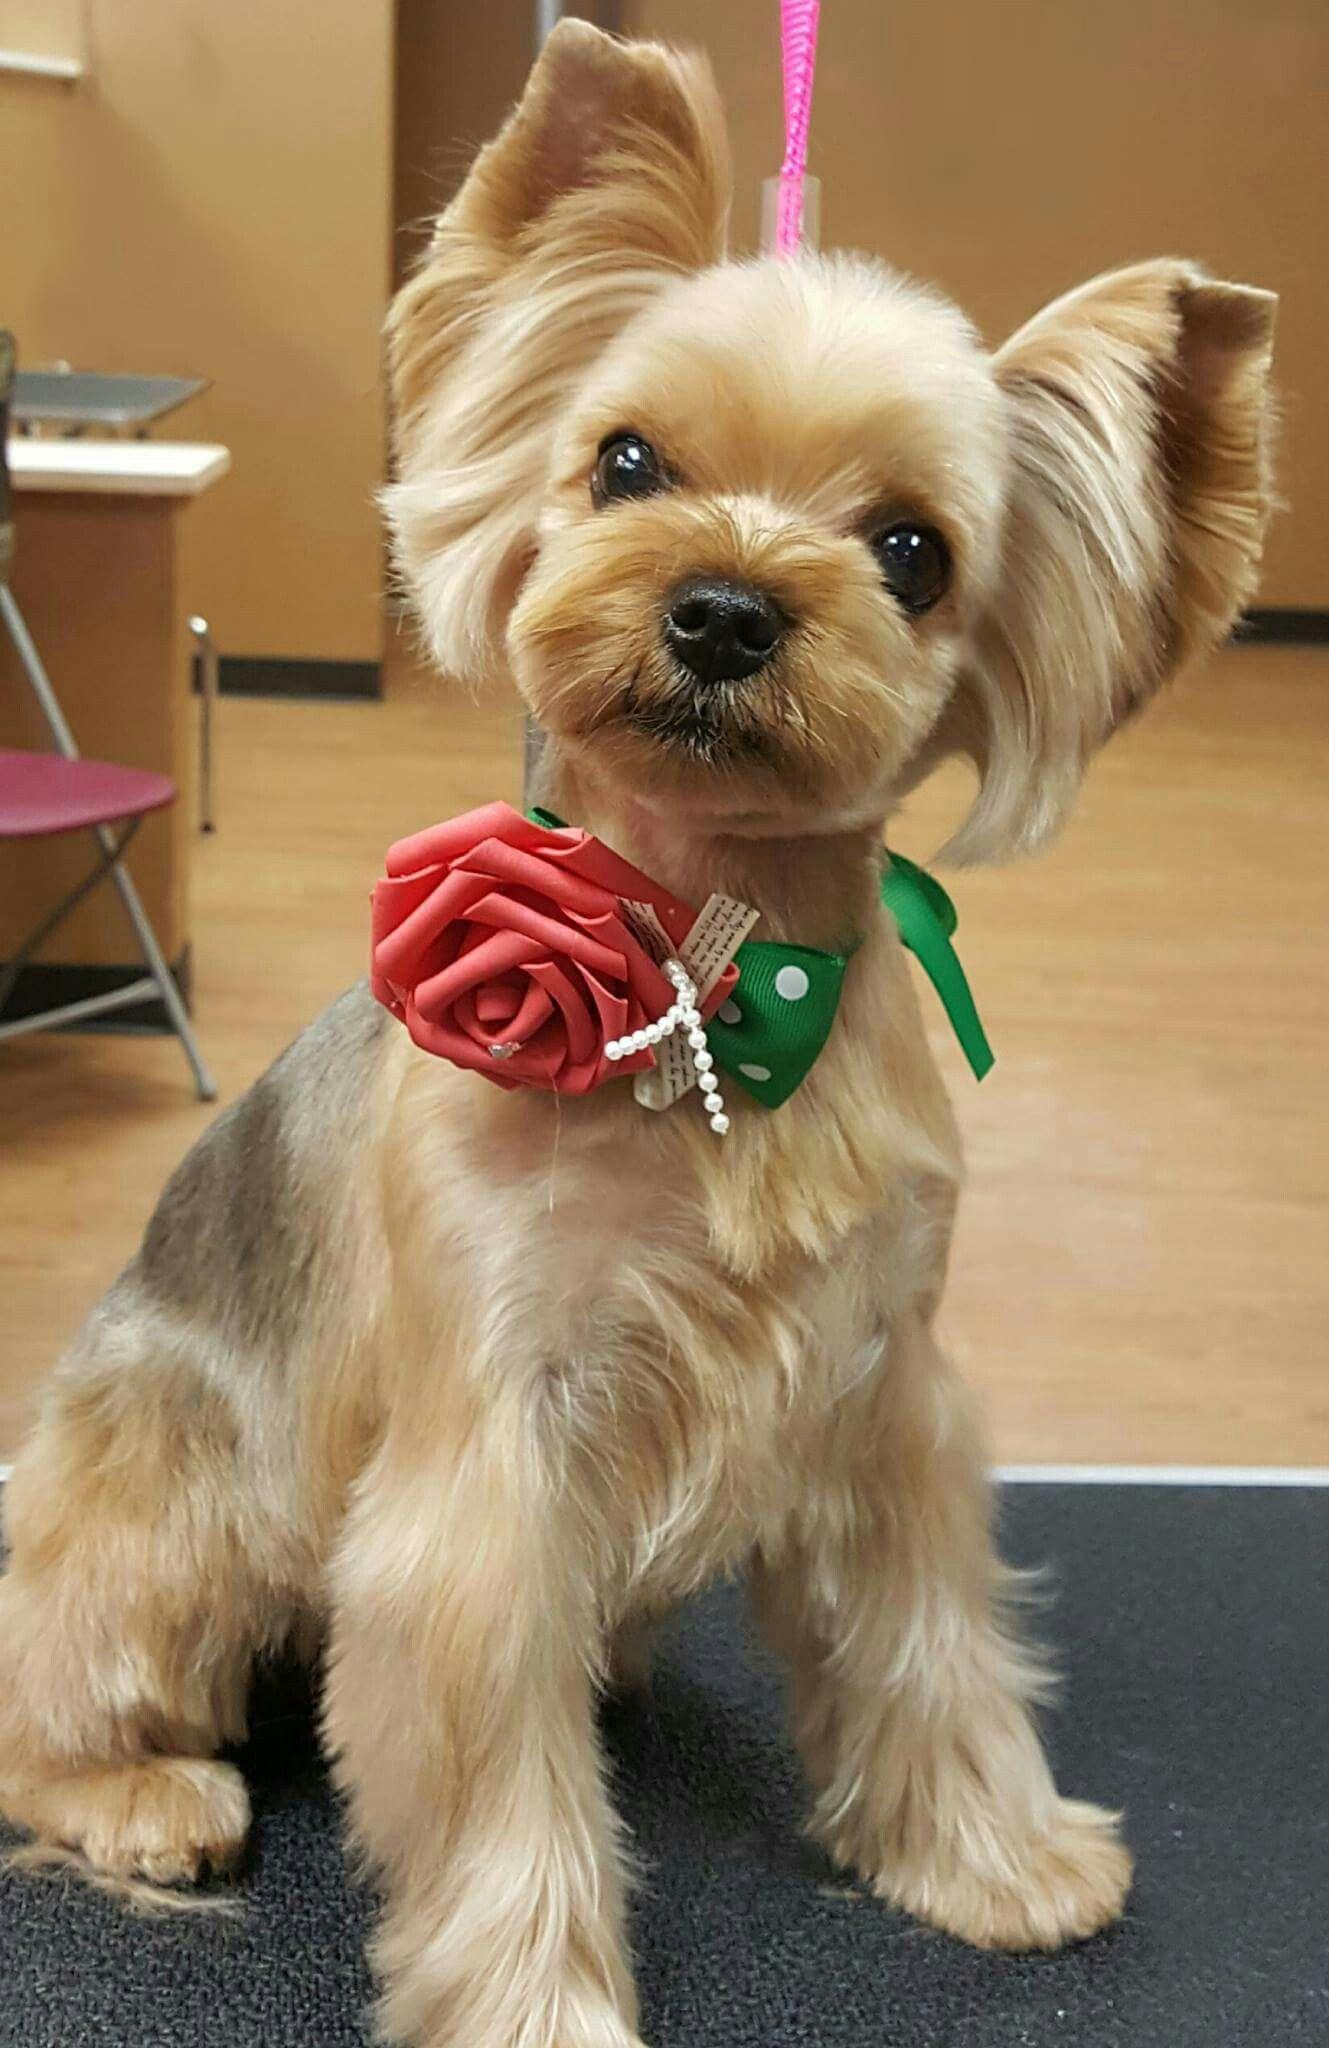 Yorkie head variation. Yorkie with cute ears. Dog grooming